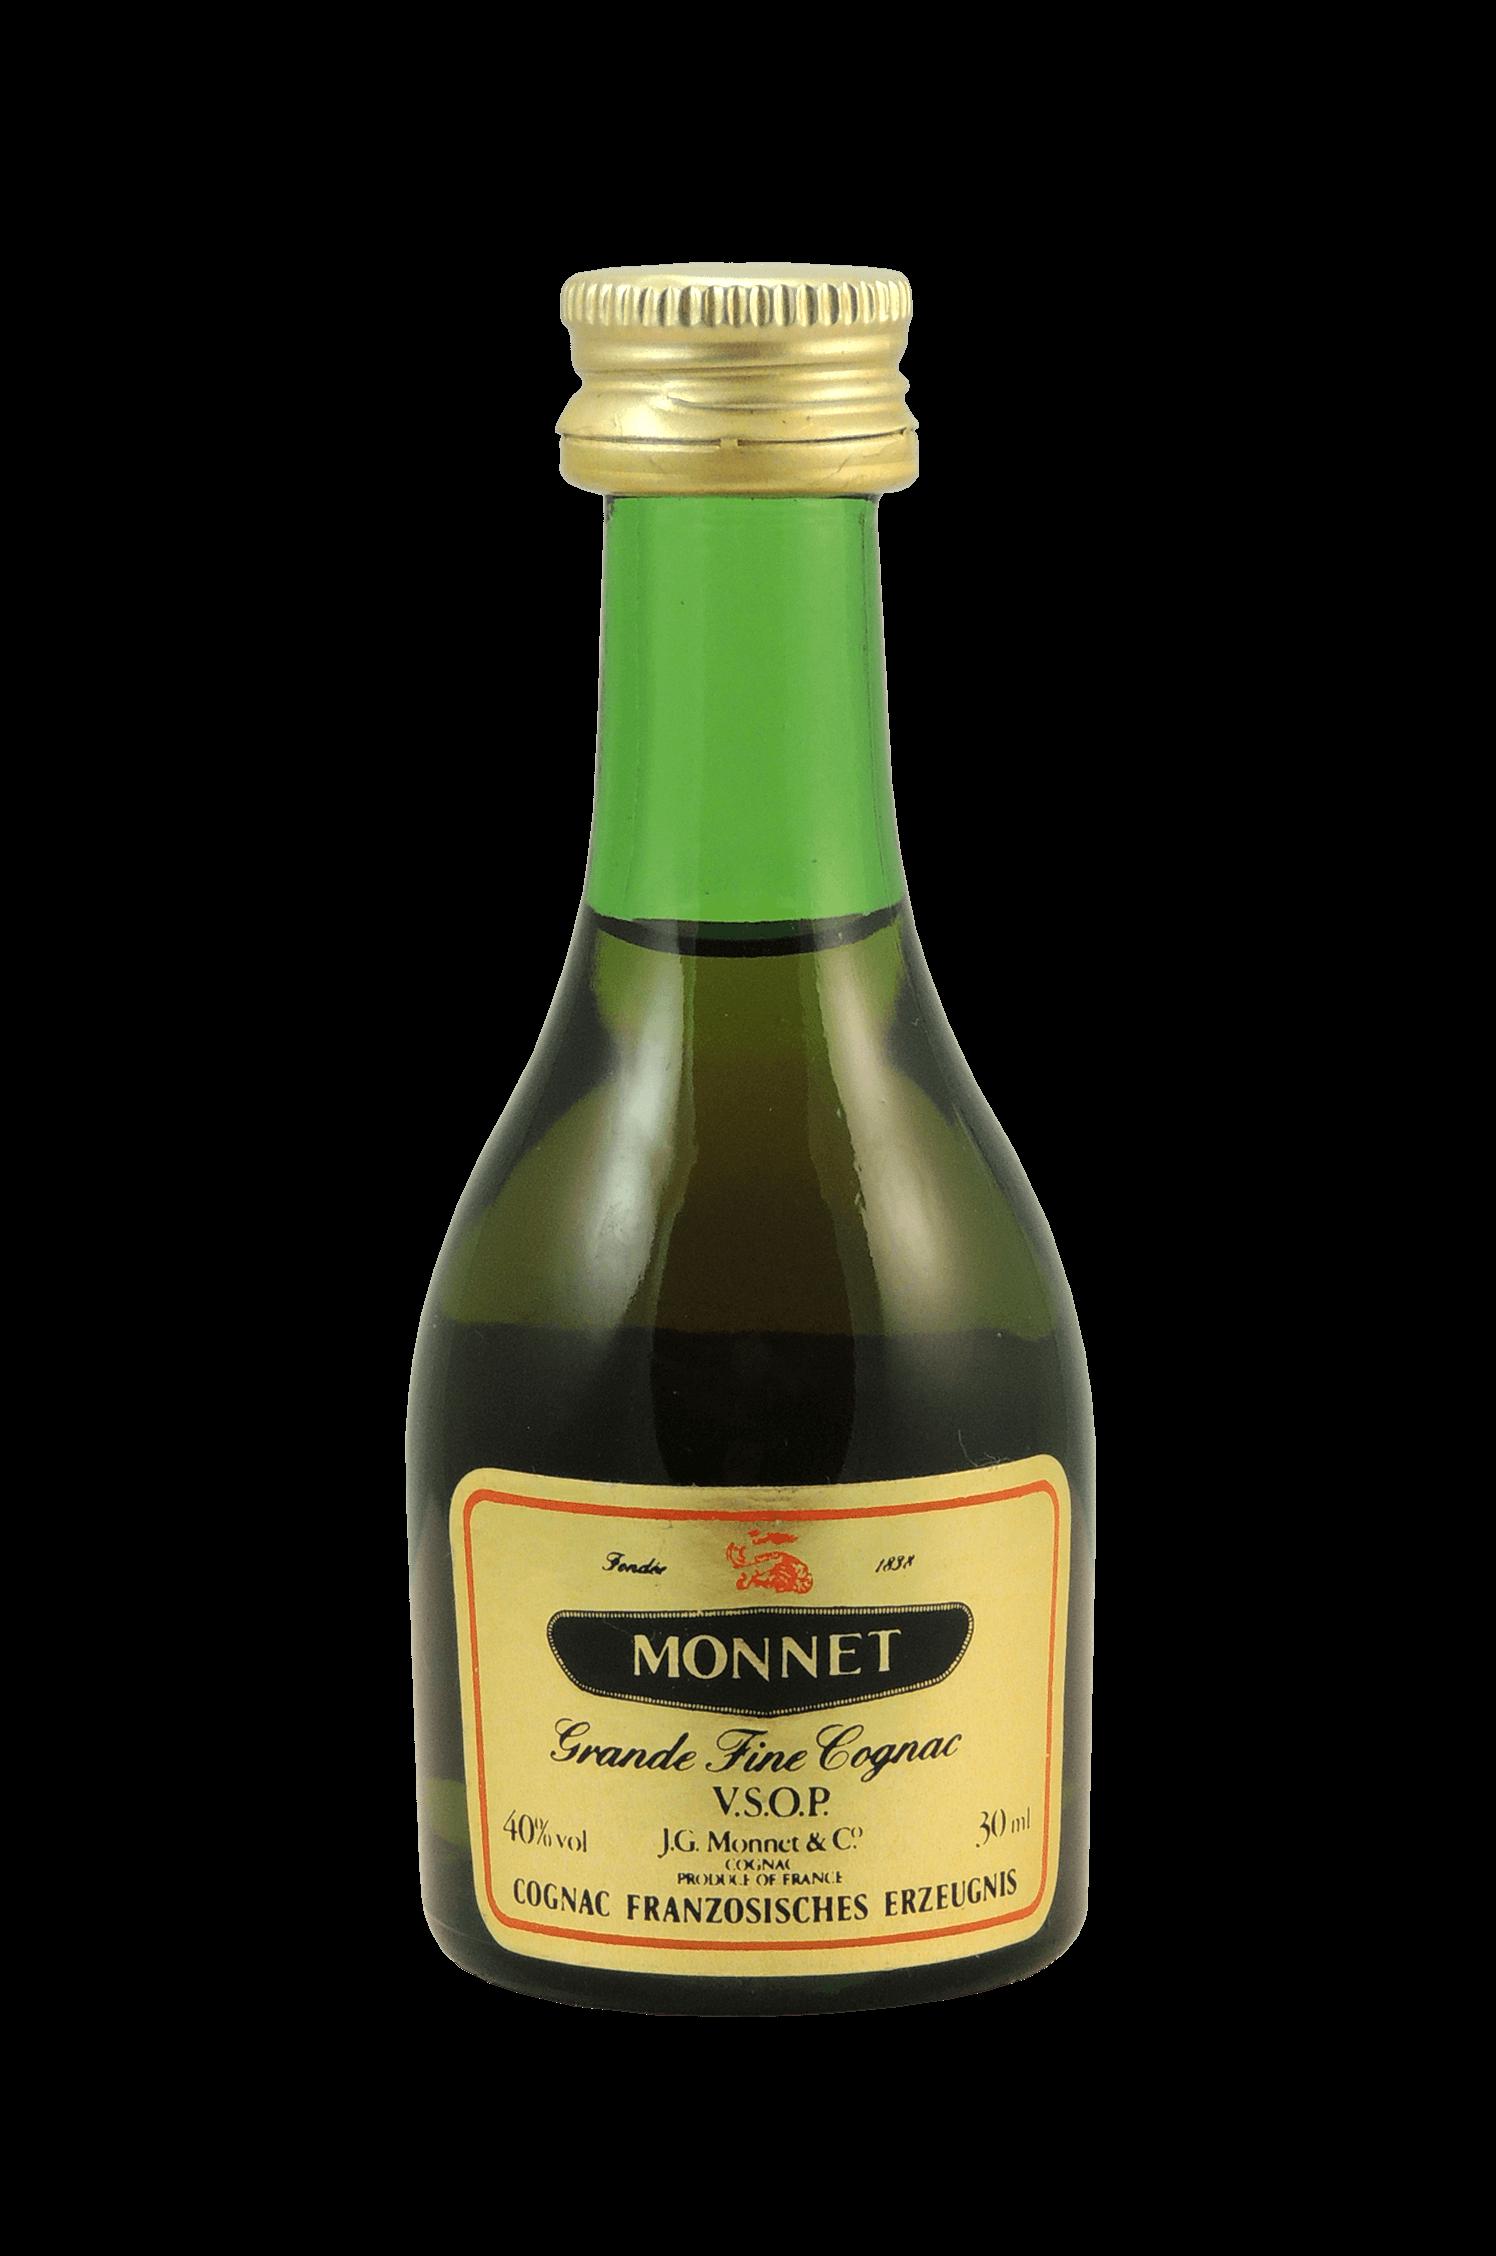 Monnet Grande Cognac V.S.O.P.